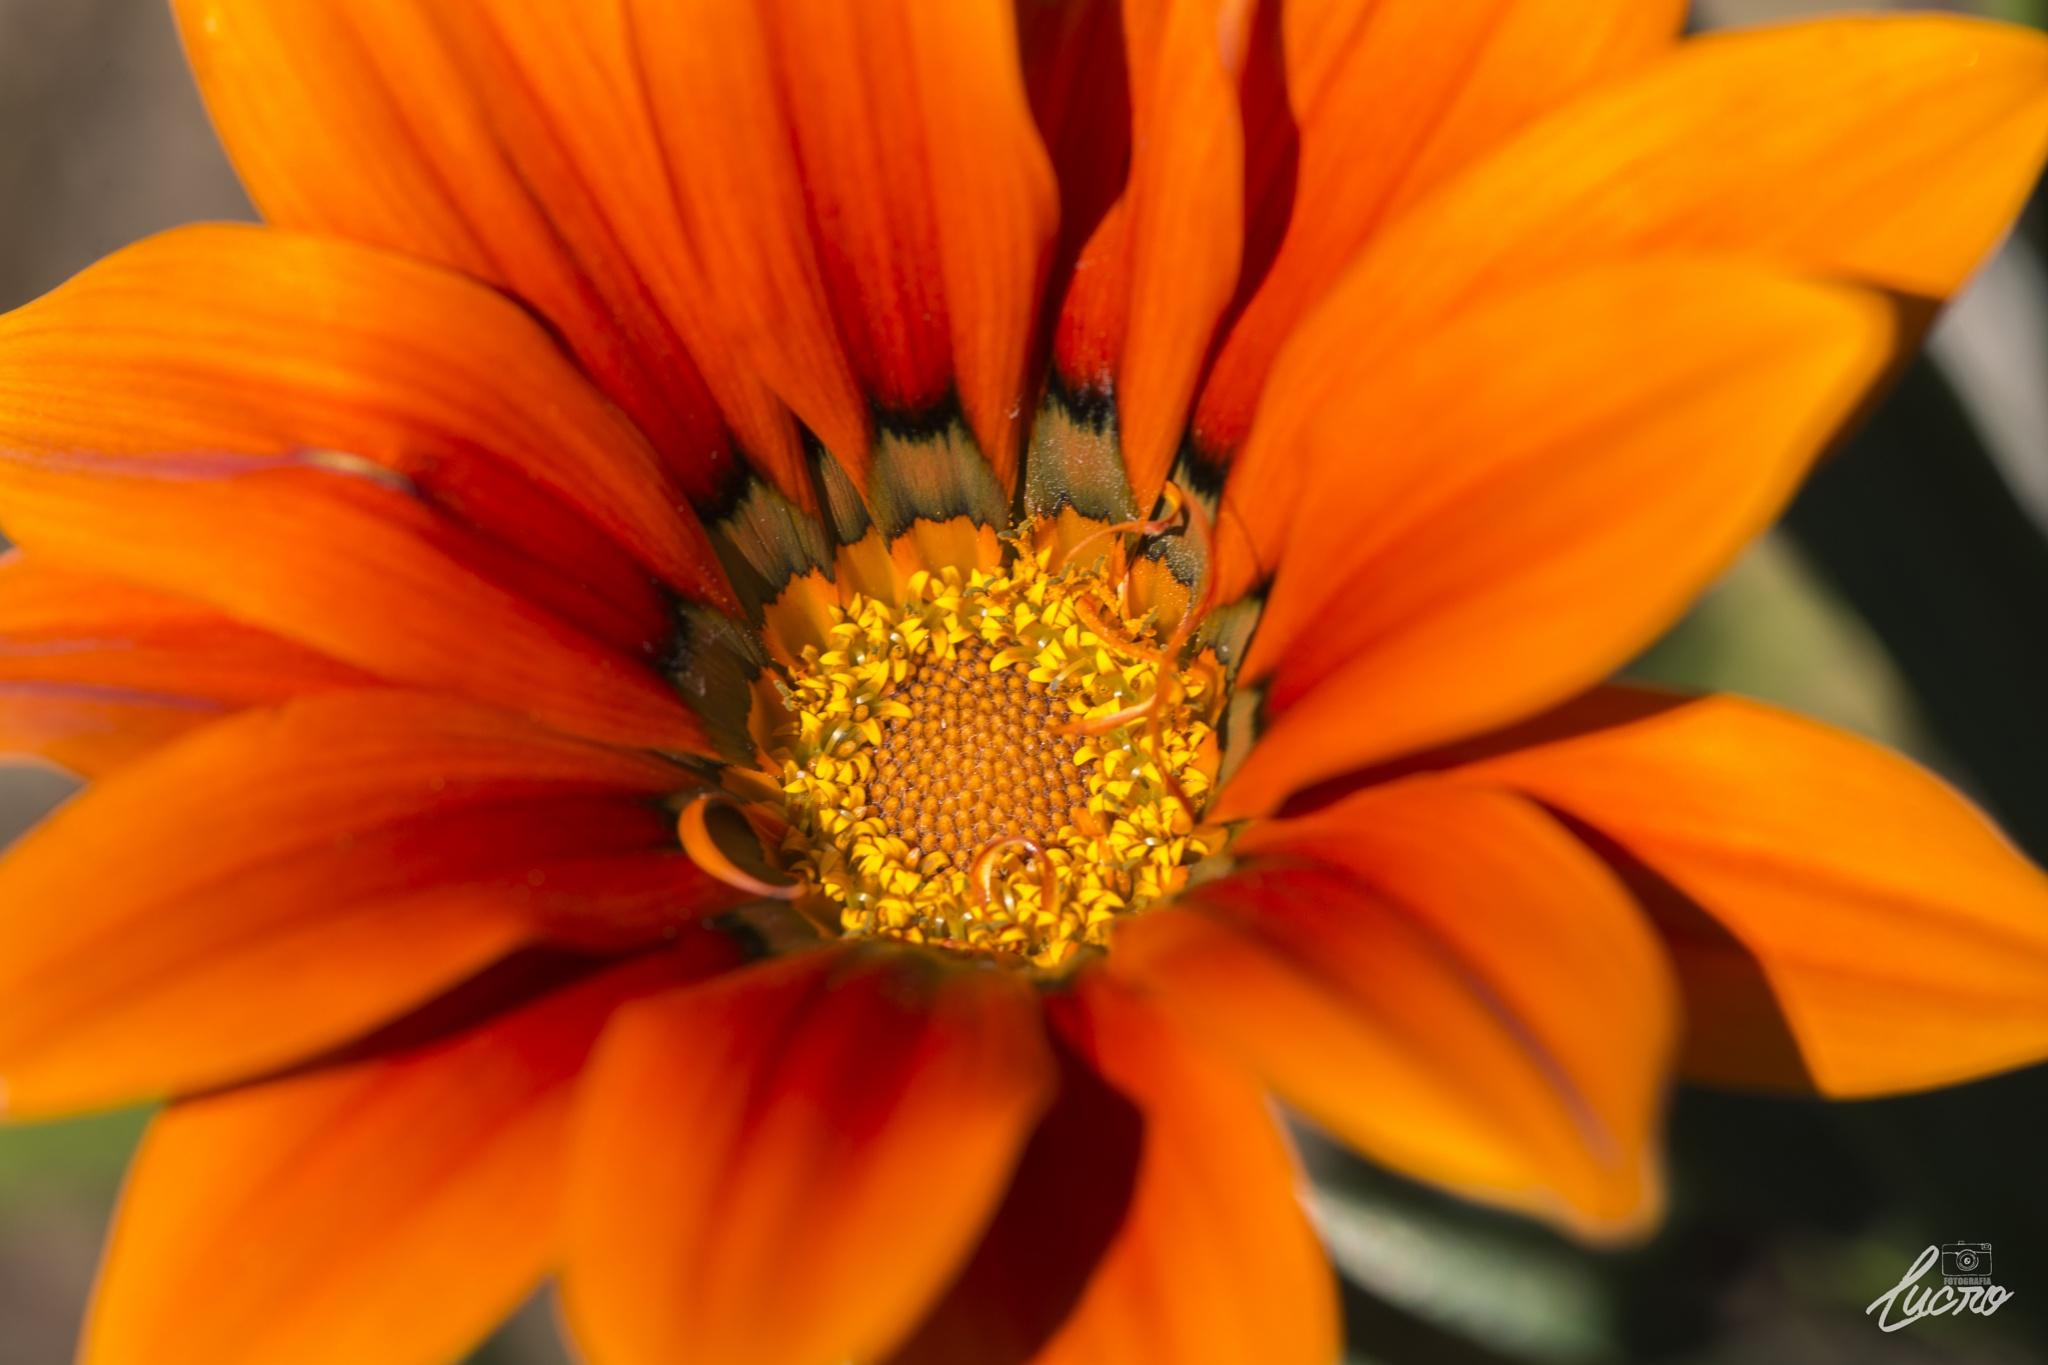 Orange Flower in Macro by LucroFotografia